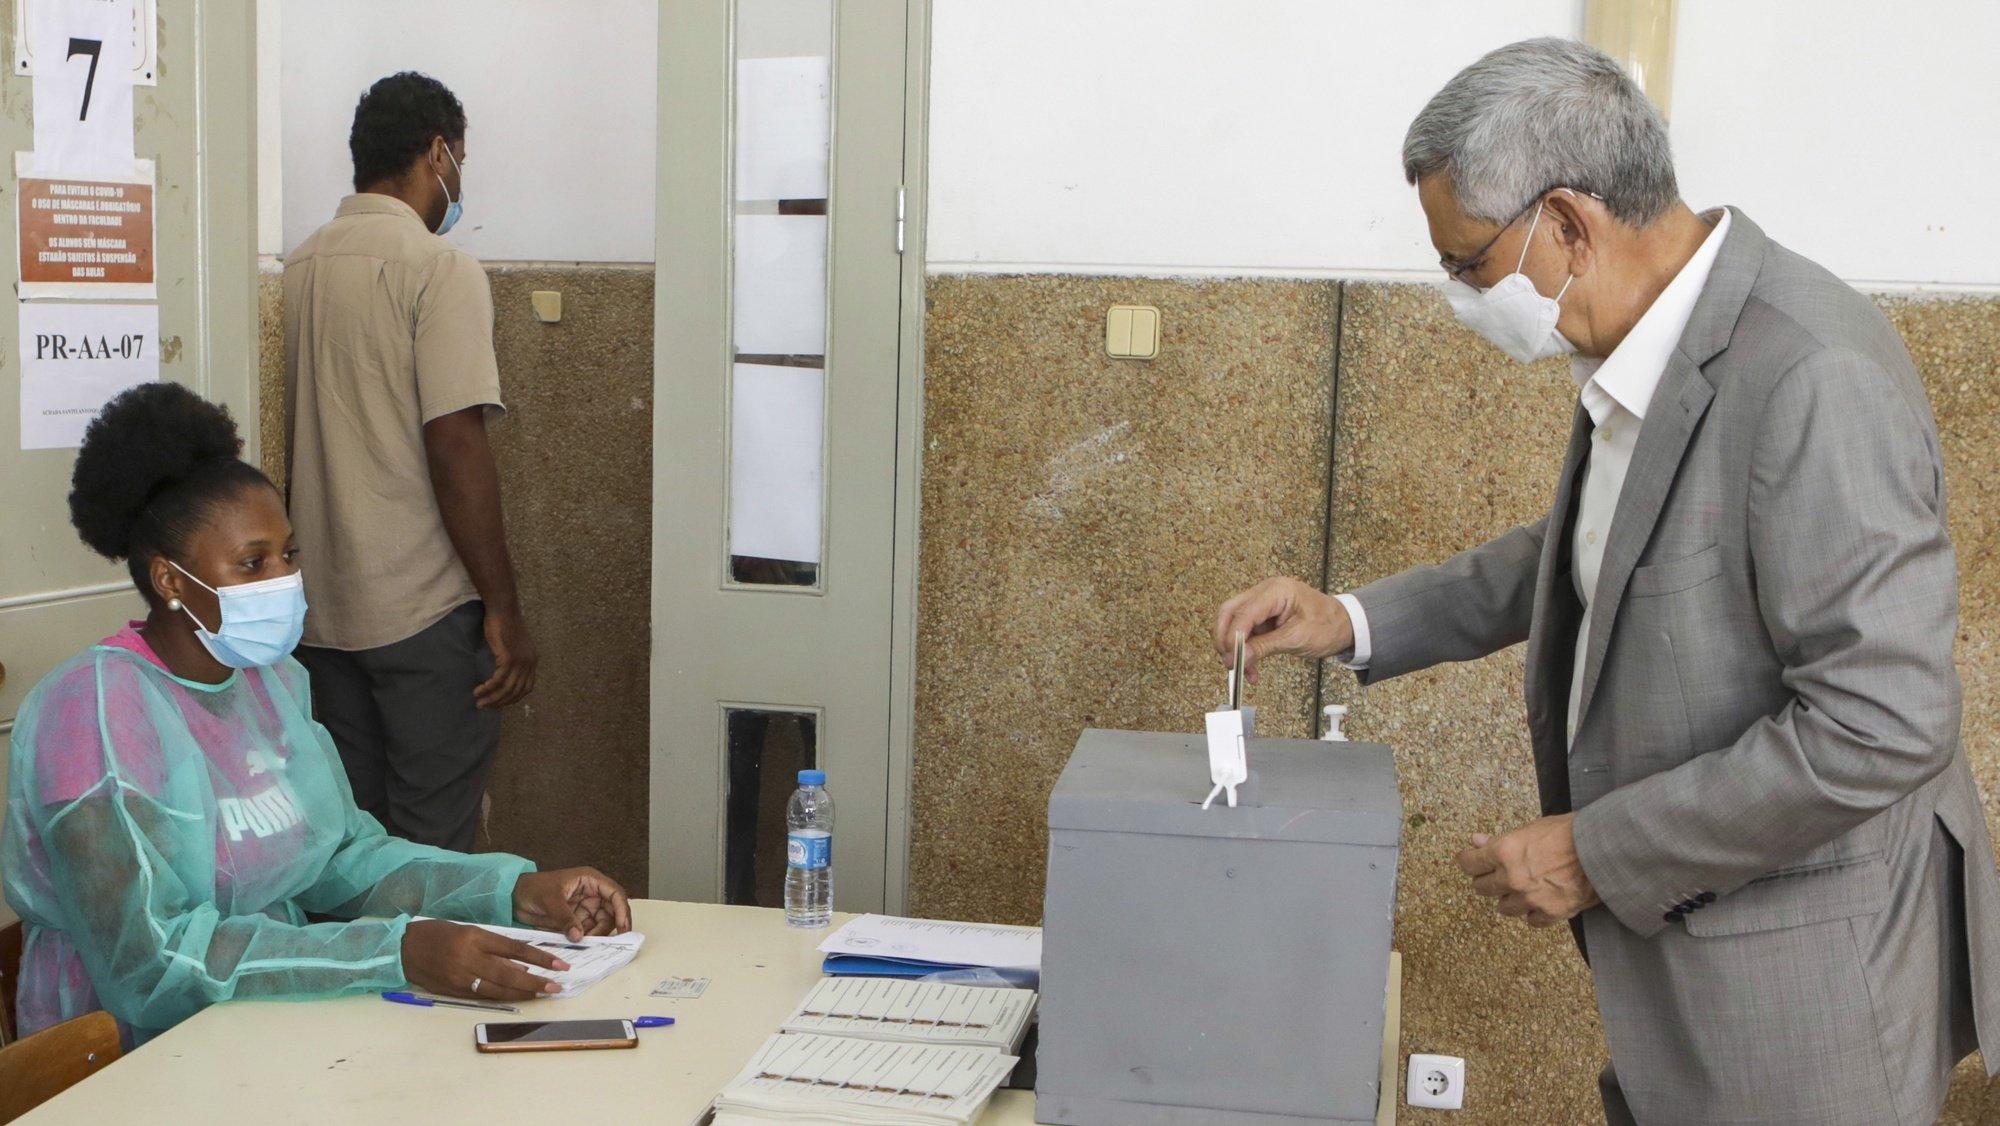 Jorge Carlos Fonseca, Presidente de Cabo Verde, que cumpre o segundo e último mandato, a votar nas eleições presidências de hoje, na  Cidade da Praia, 17 de outubro de 2021, ELTON MONTEIRO/LUSA